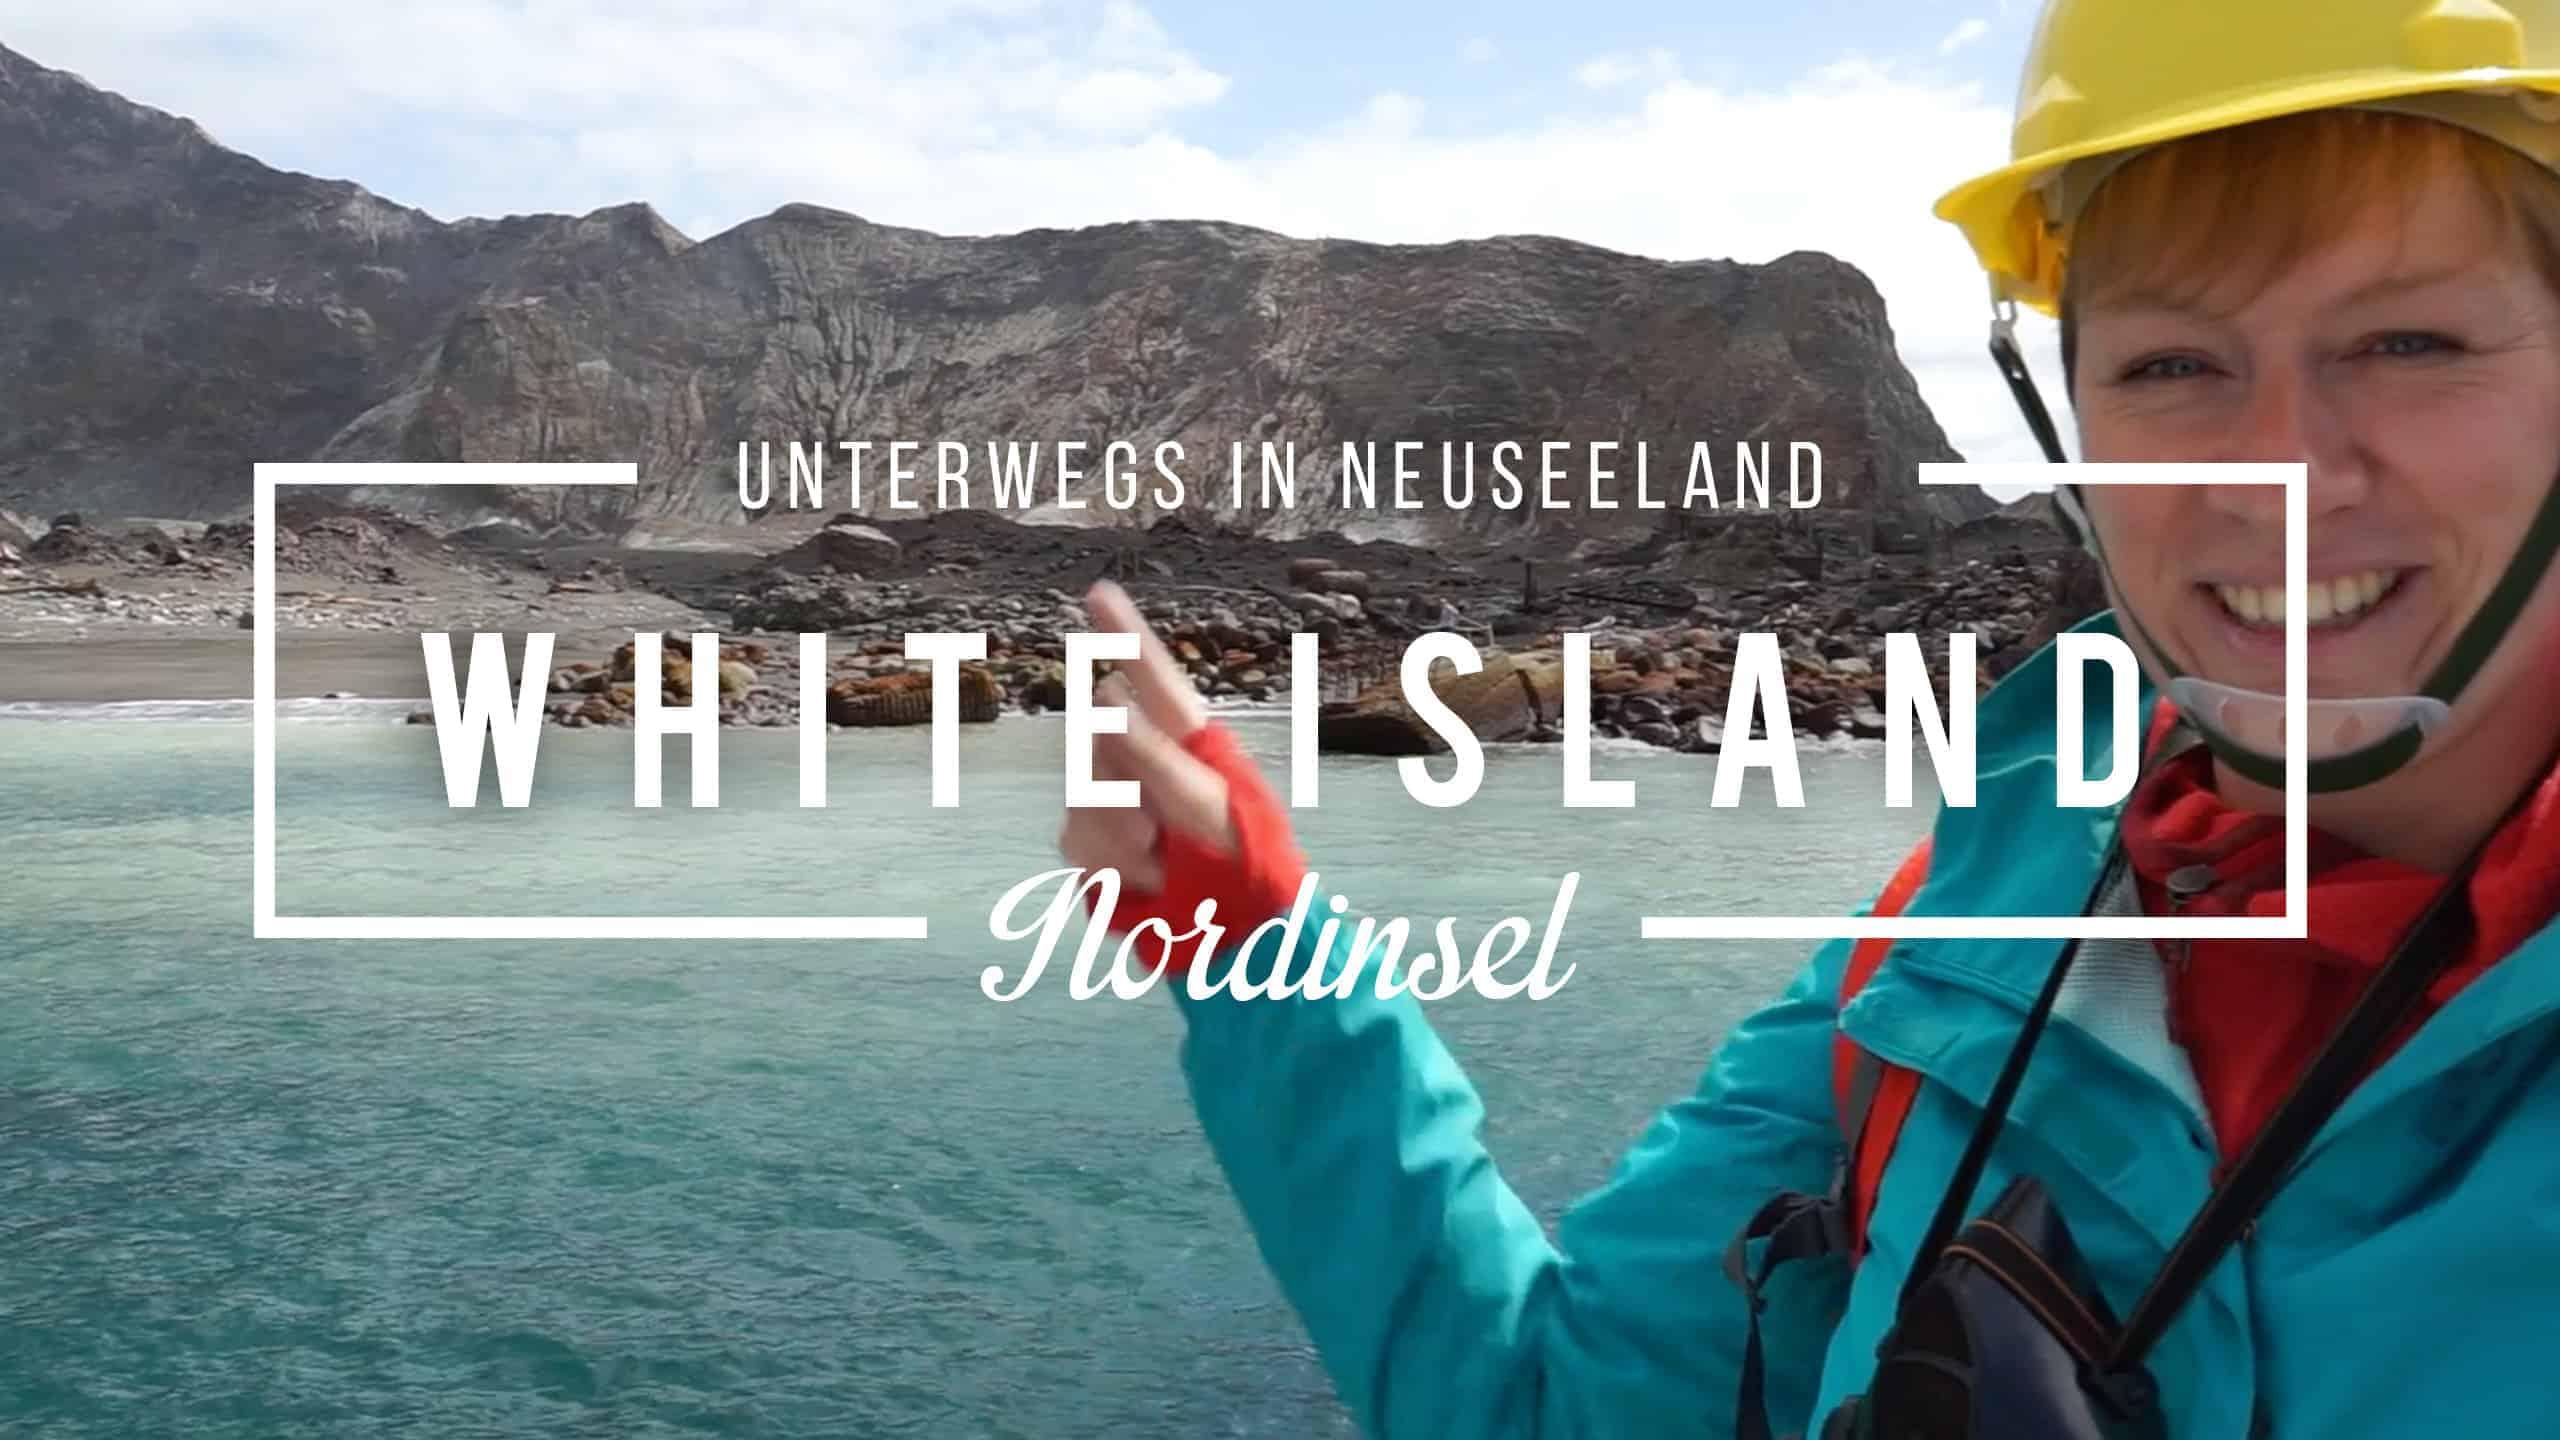 neuseeland-white-island-tour